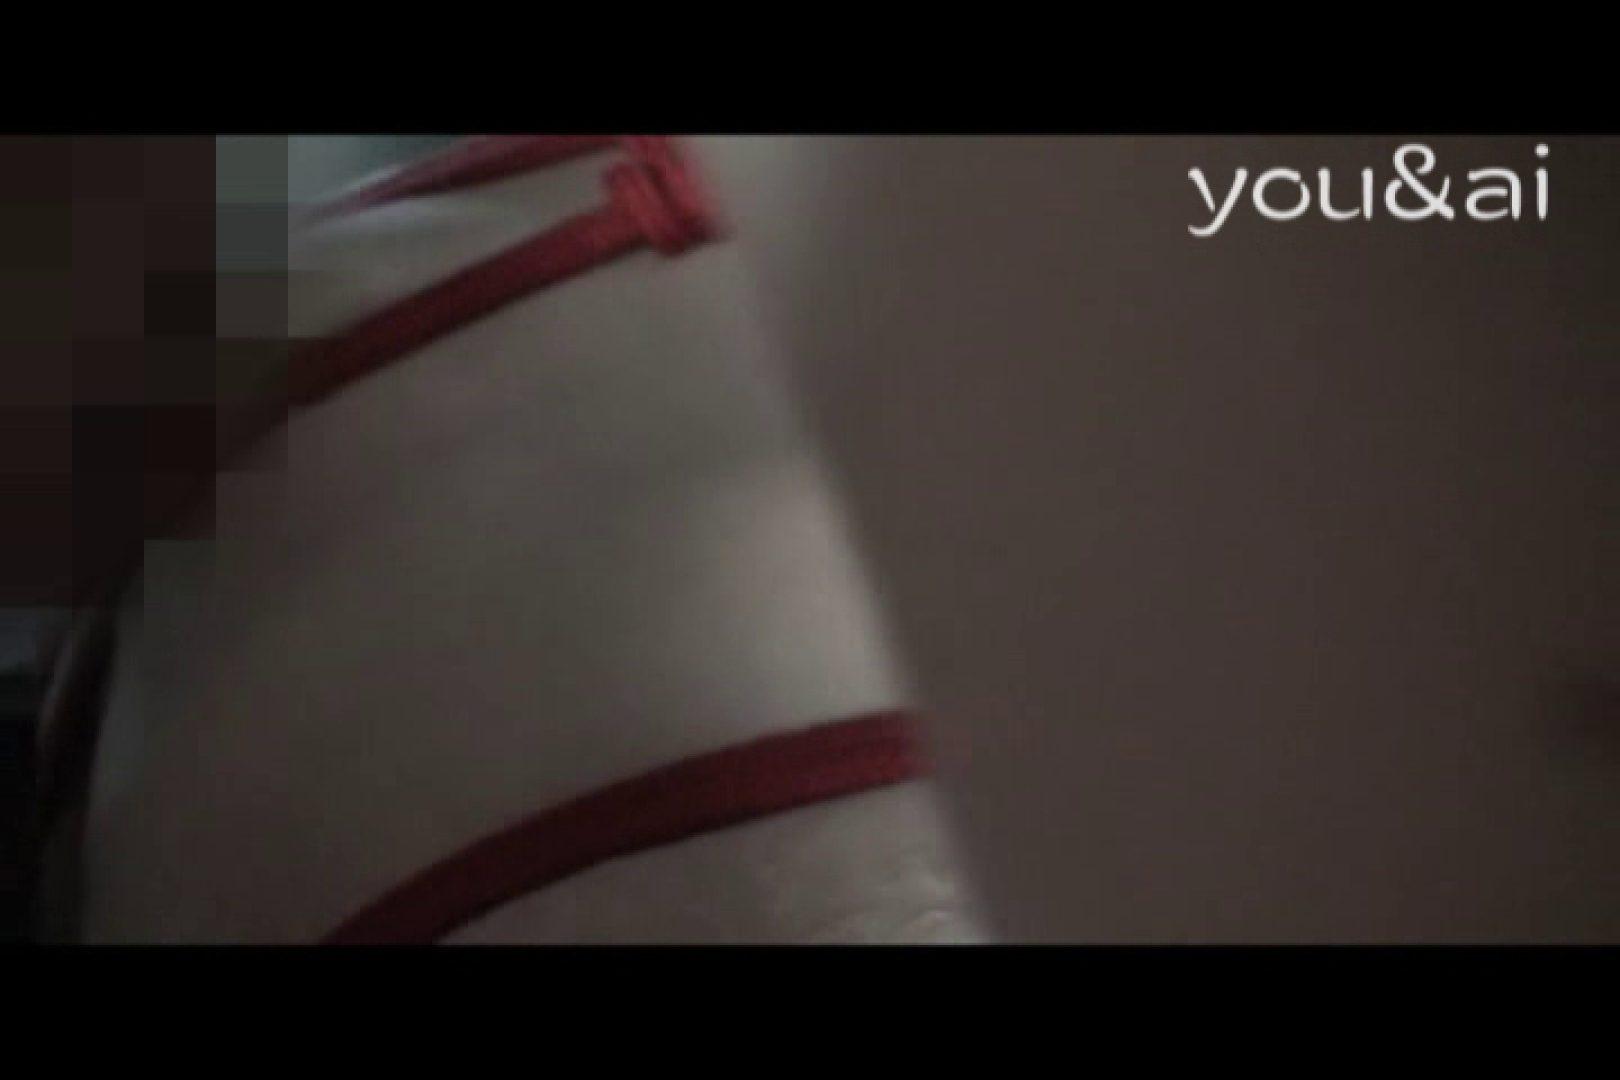 おしどり夫婦のyou&aiさん投稿作品vol.4 OLのエロ生活 ヌード画像 53連発 16